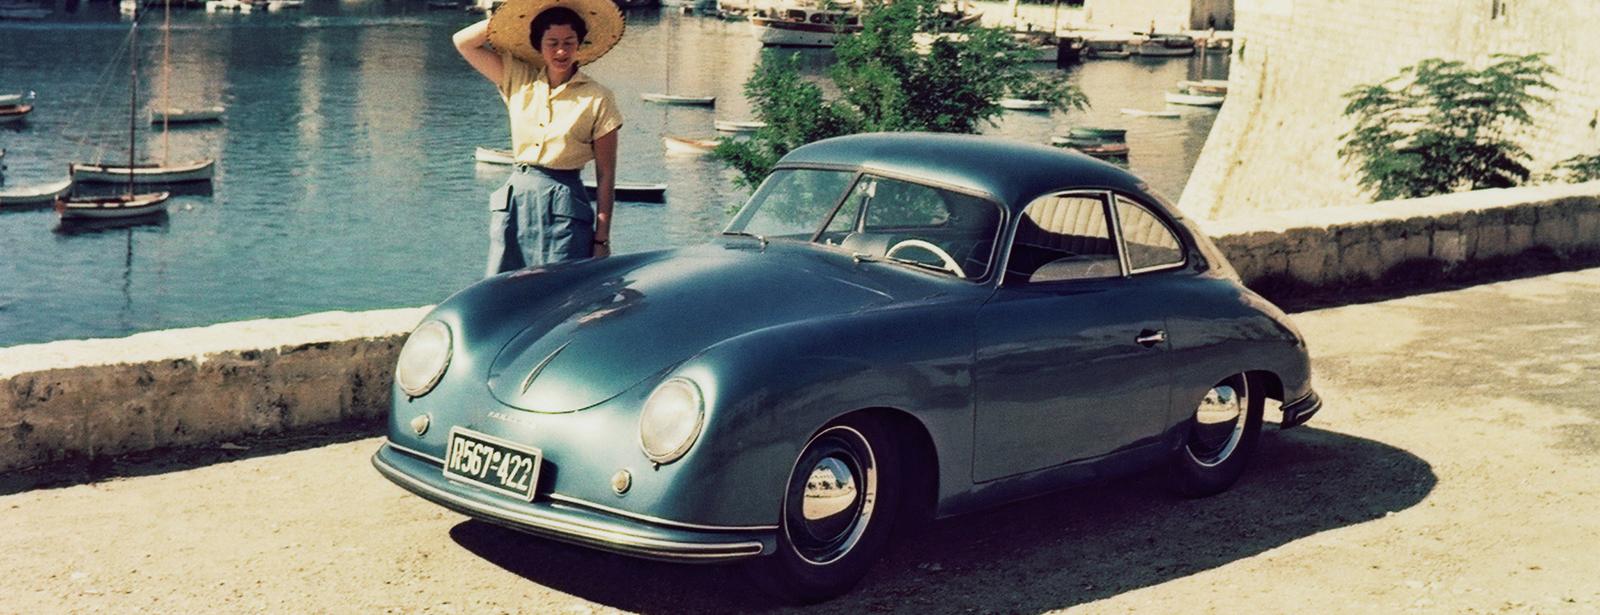 Vintage Porsche 356